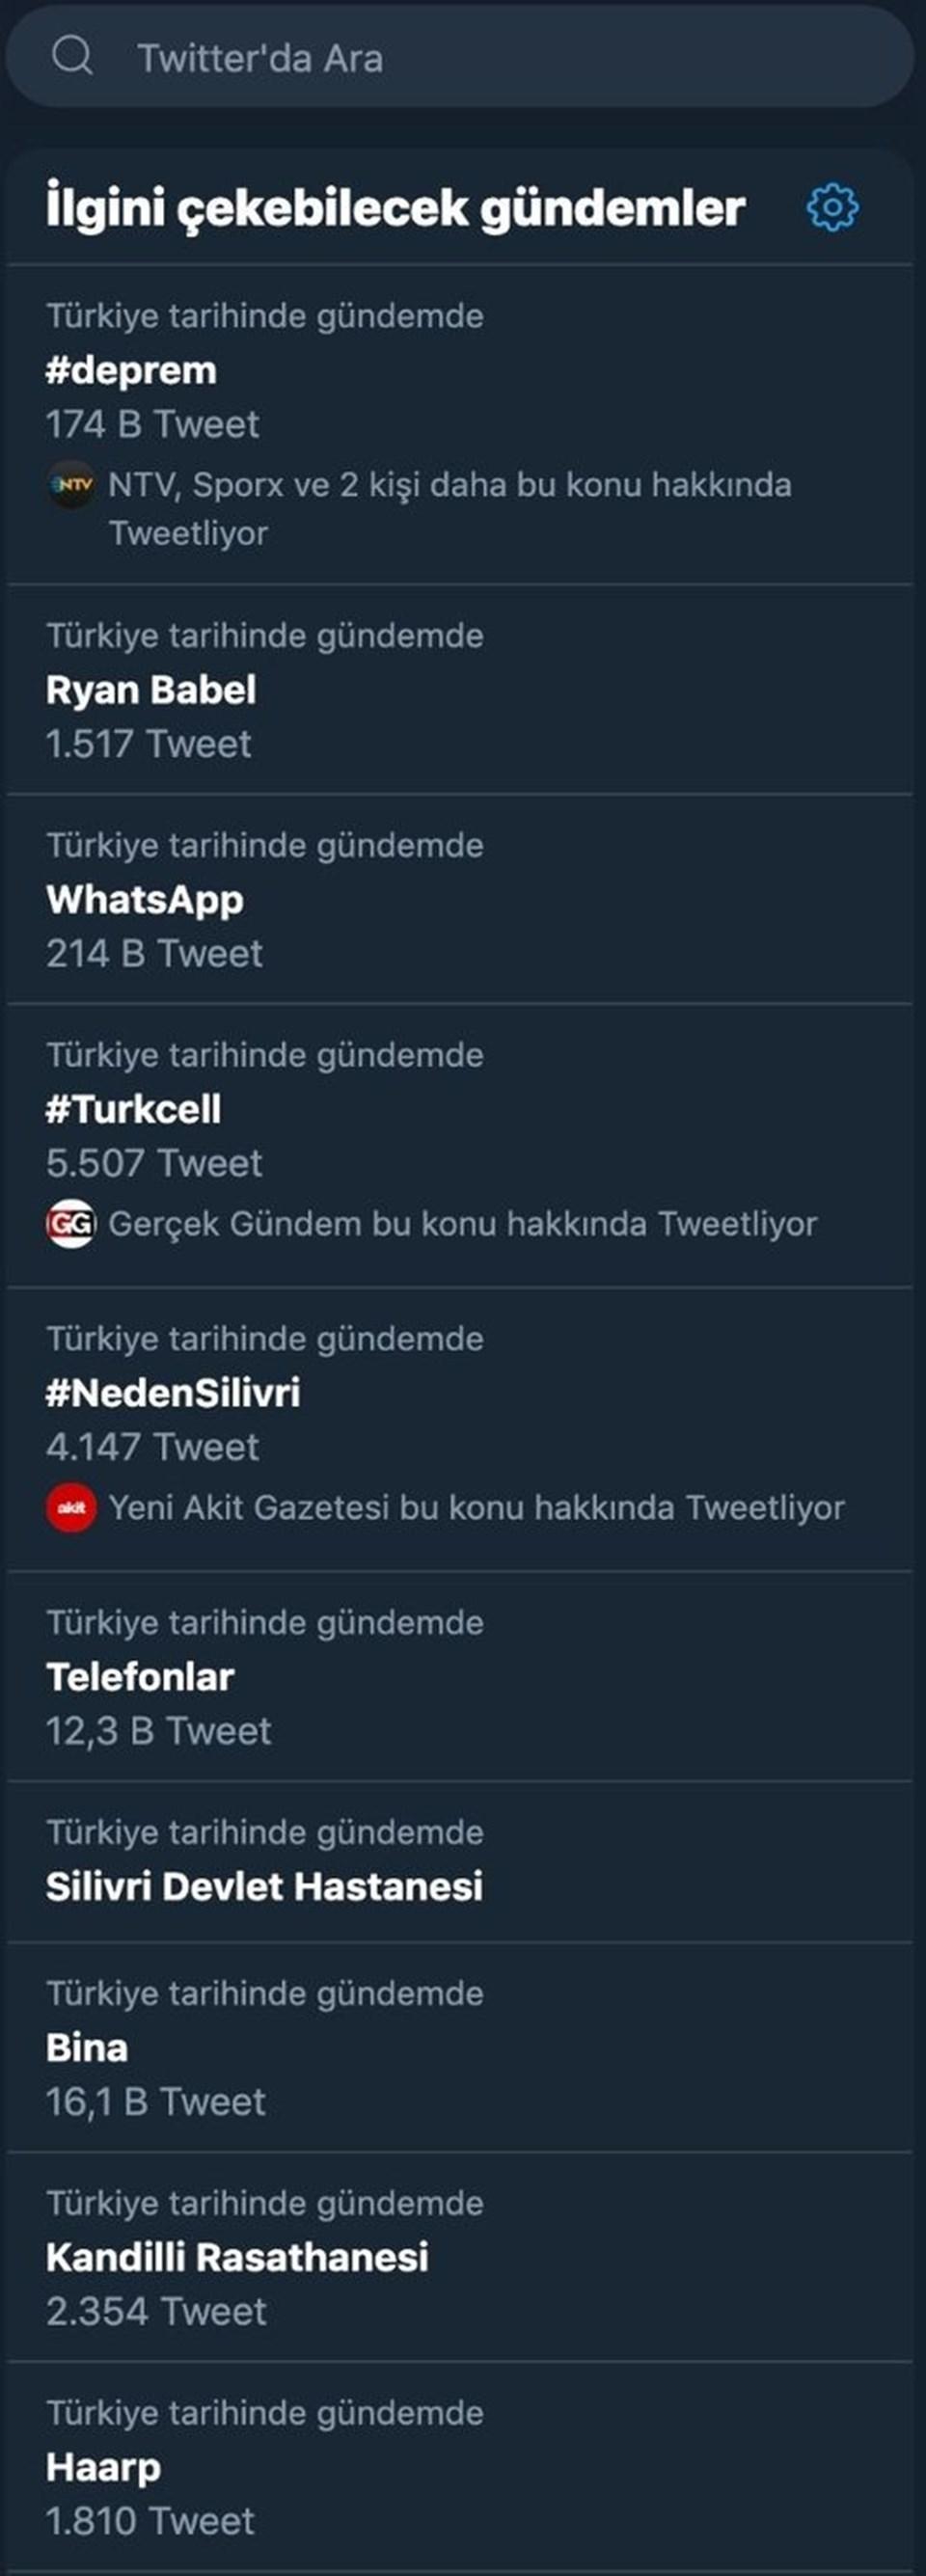 Dün meydana gelen deprem sonrası yaşanan iletişim sıkıntısı sosyal medyada geniş yer buldu. Kullanıcıların #WhatsApp, #Turkcellve #Telefonlarhashtag'iile yaptıkları paylaşımlarTwitter'ınen çok paylaşılan konularından oldu.